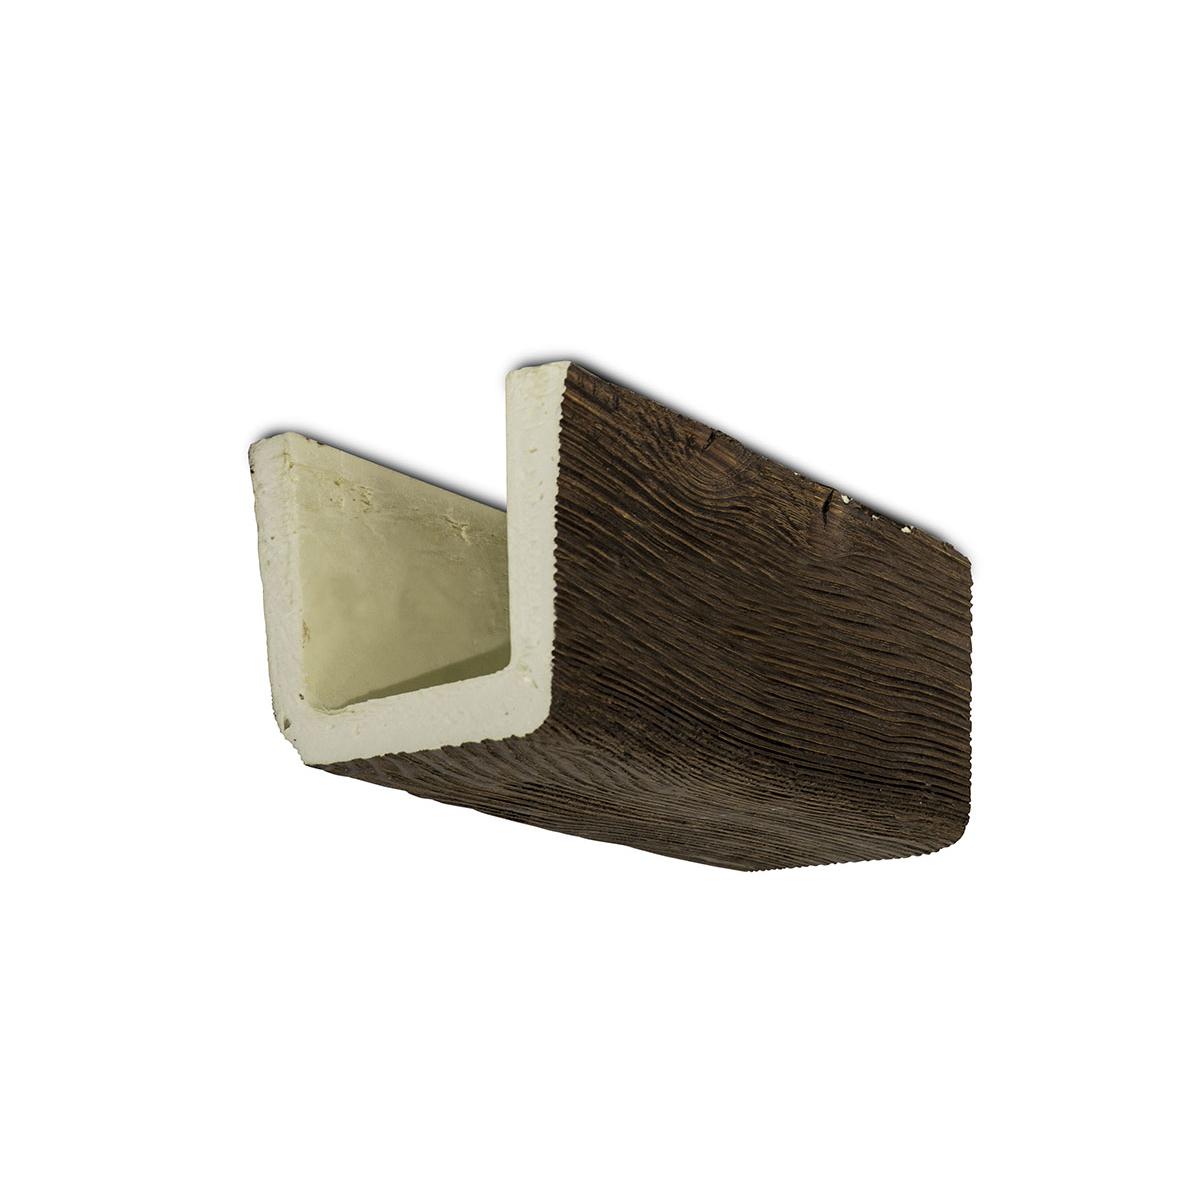 Viga 300x12x12 imitación madera